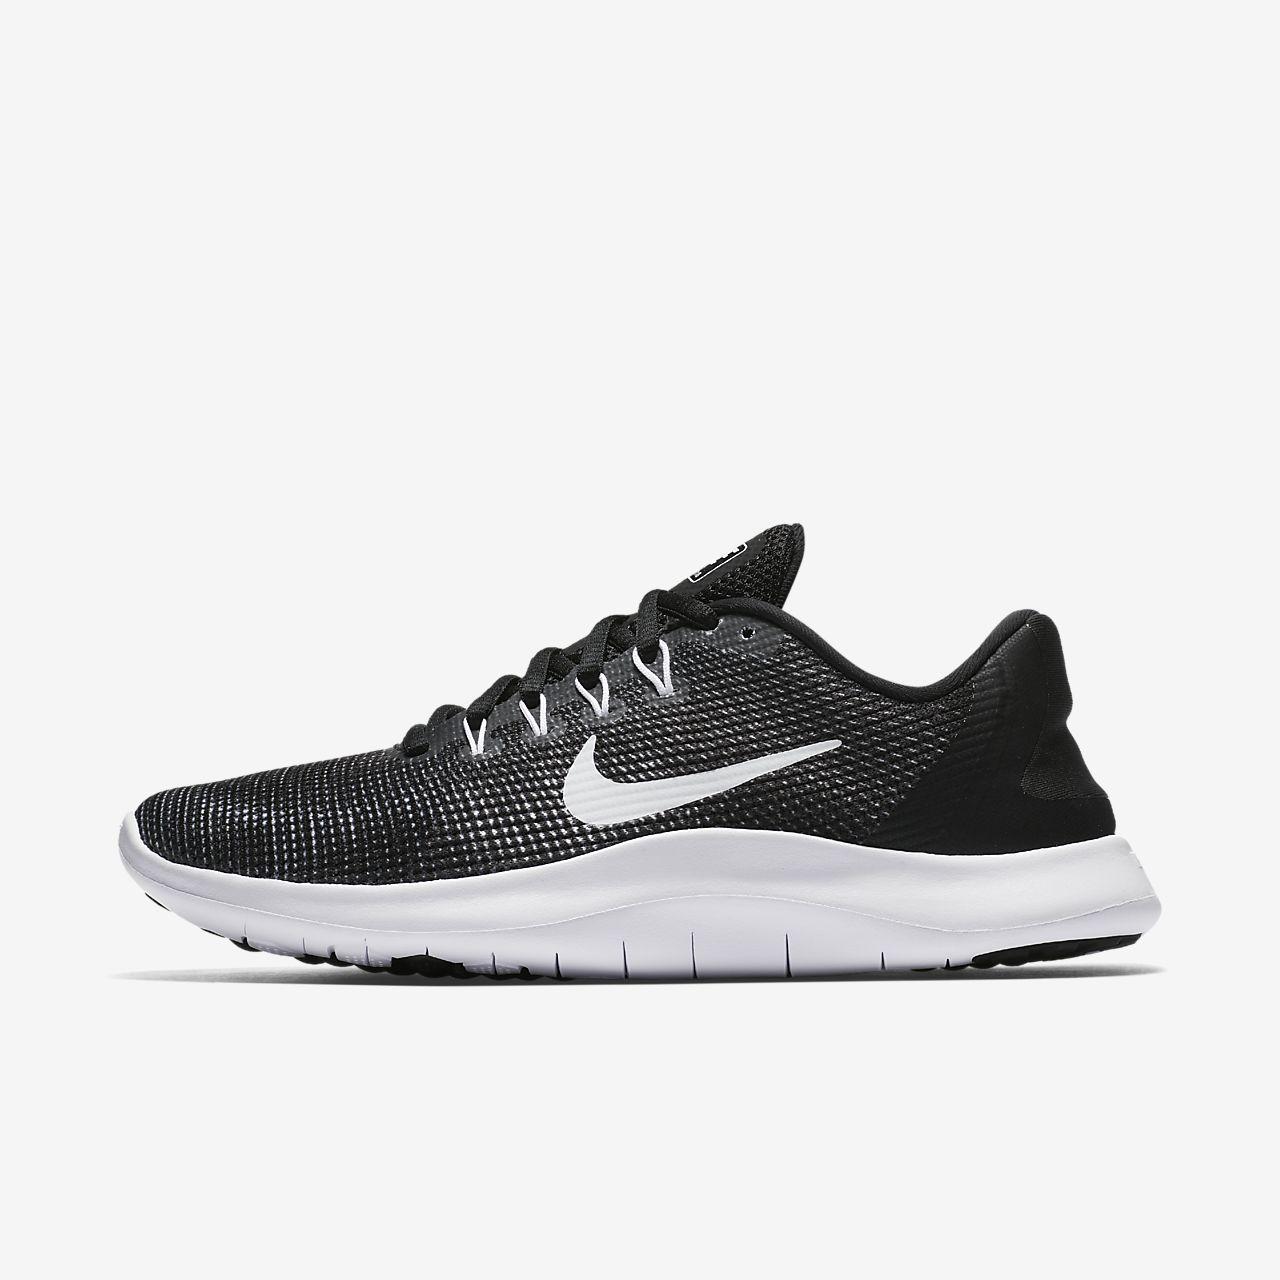 17fe94ac3fb Dámská běžecká bota Nike Flex RN 2018. Nike.com CZ